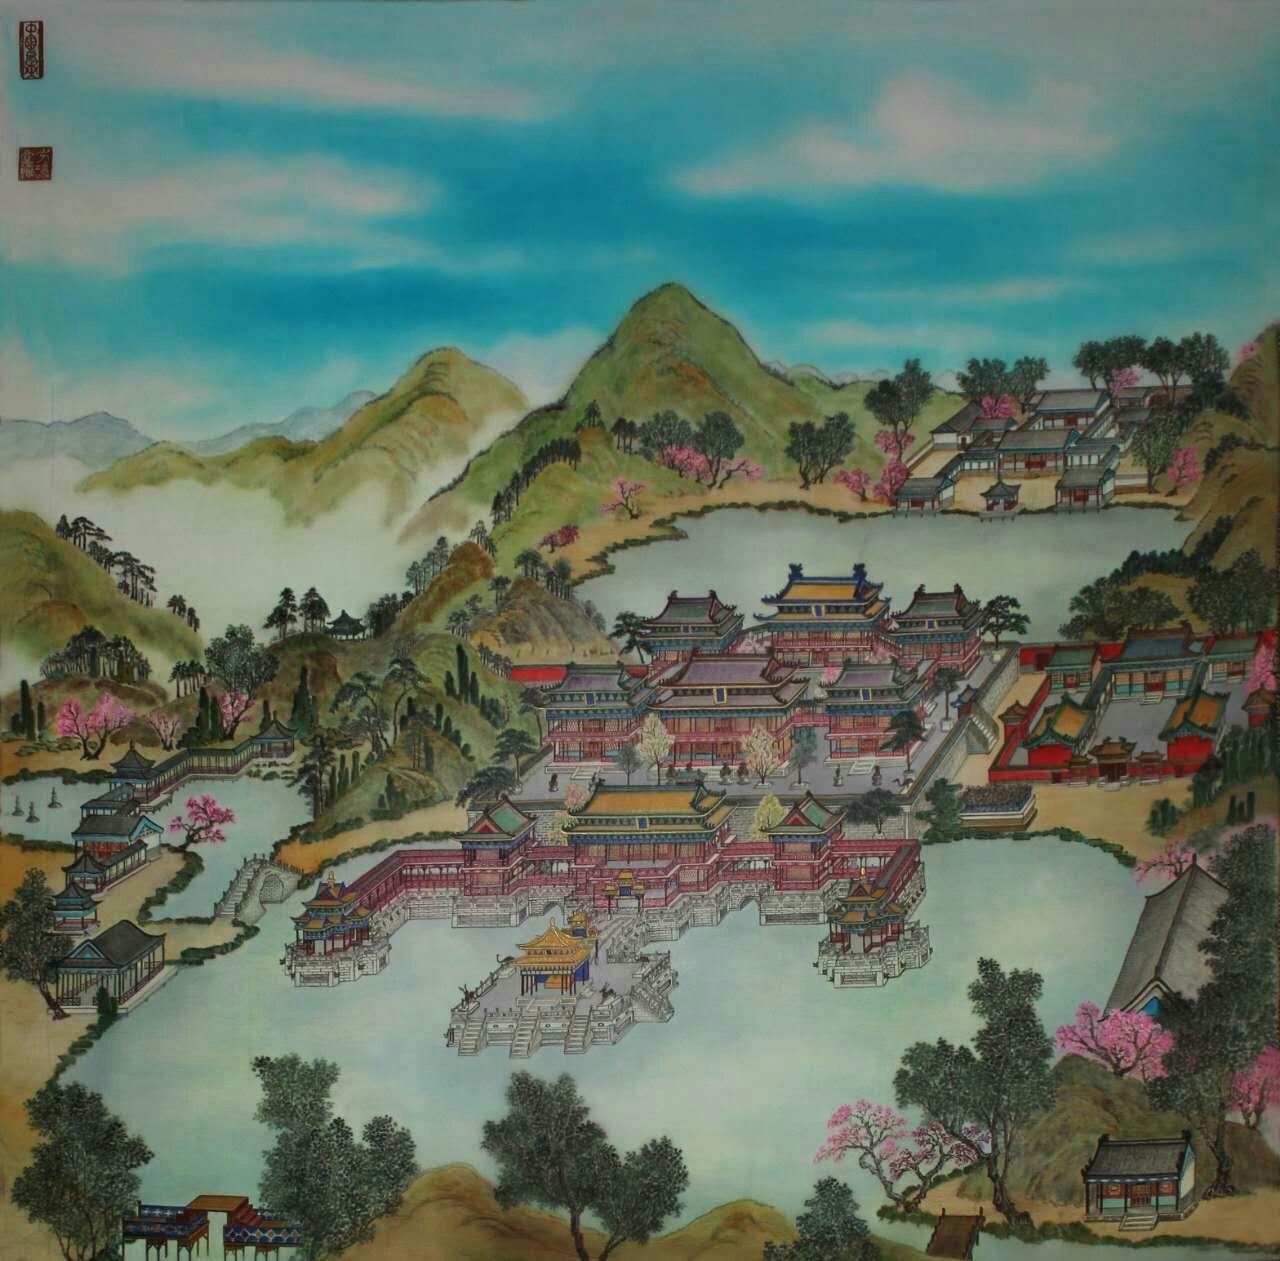 举世无双梦幻般的艺术典范《帛本—精工彩绘圆明园》 - 最新资讯 - 京龙艺圣